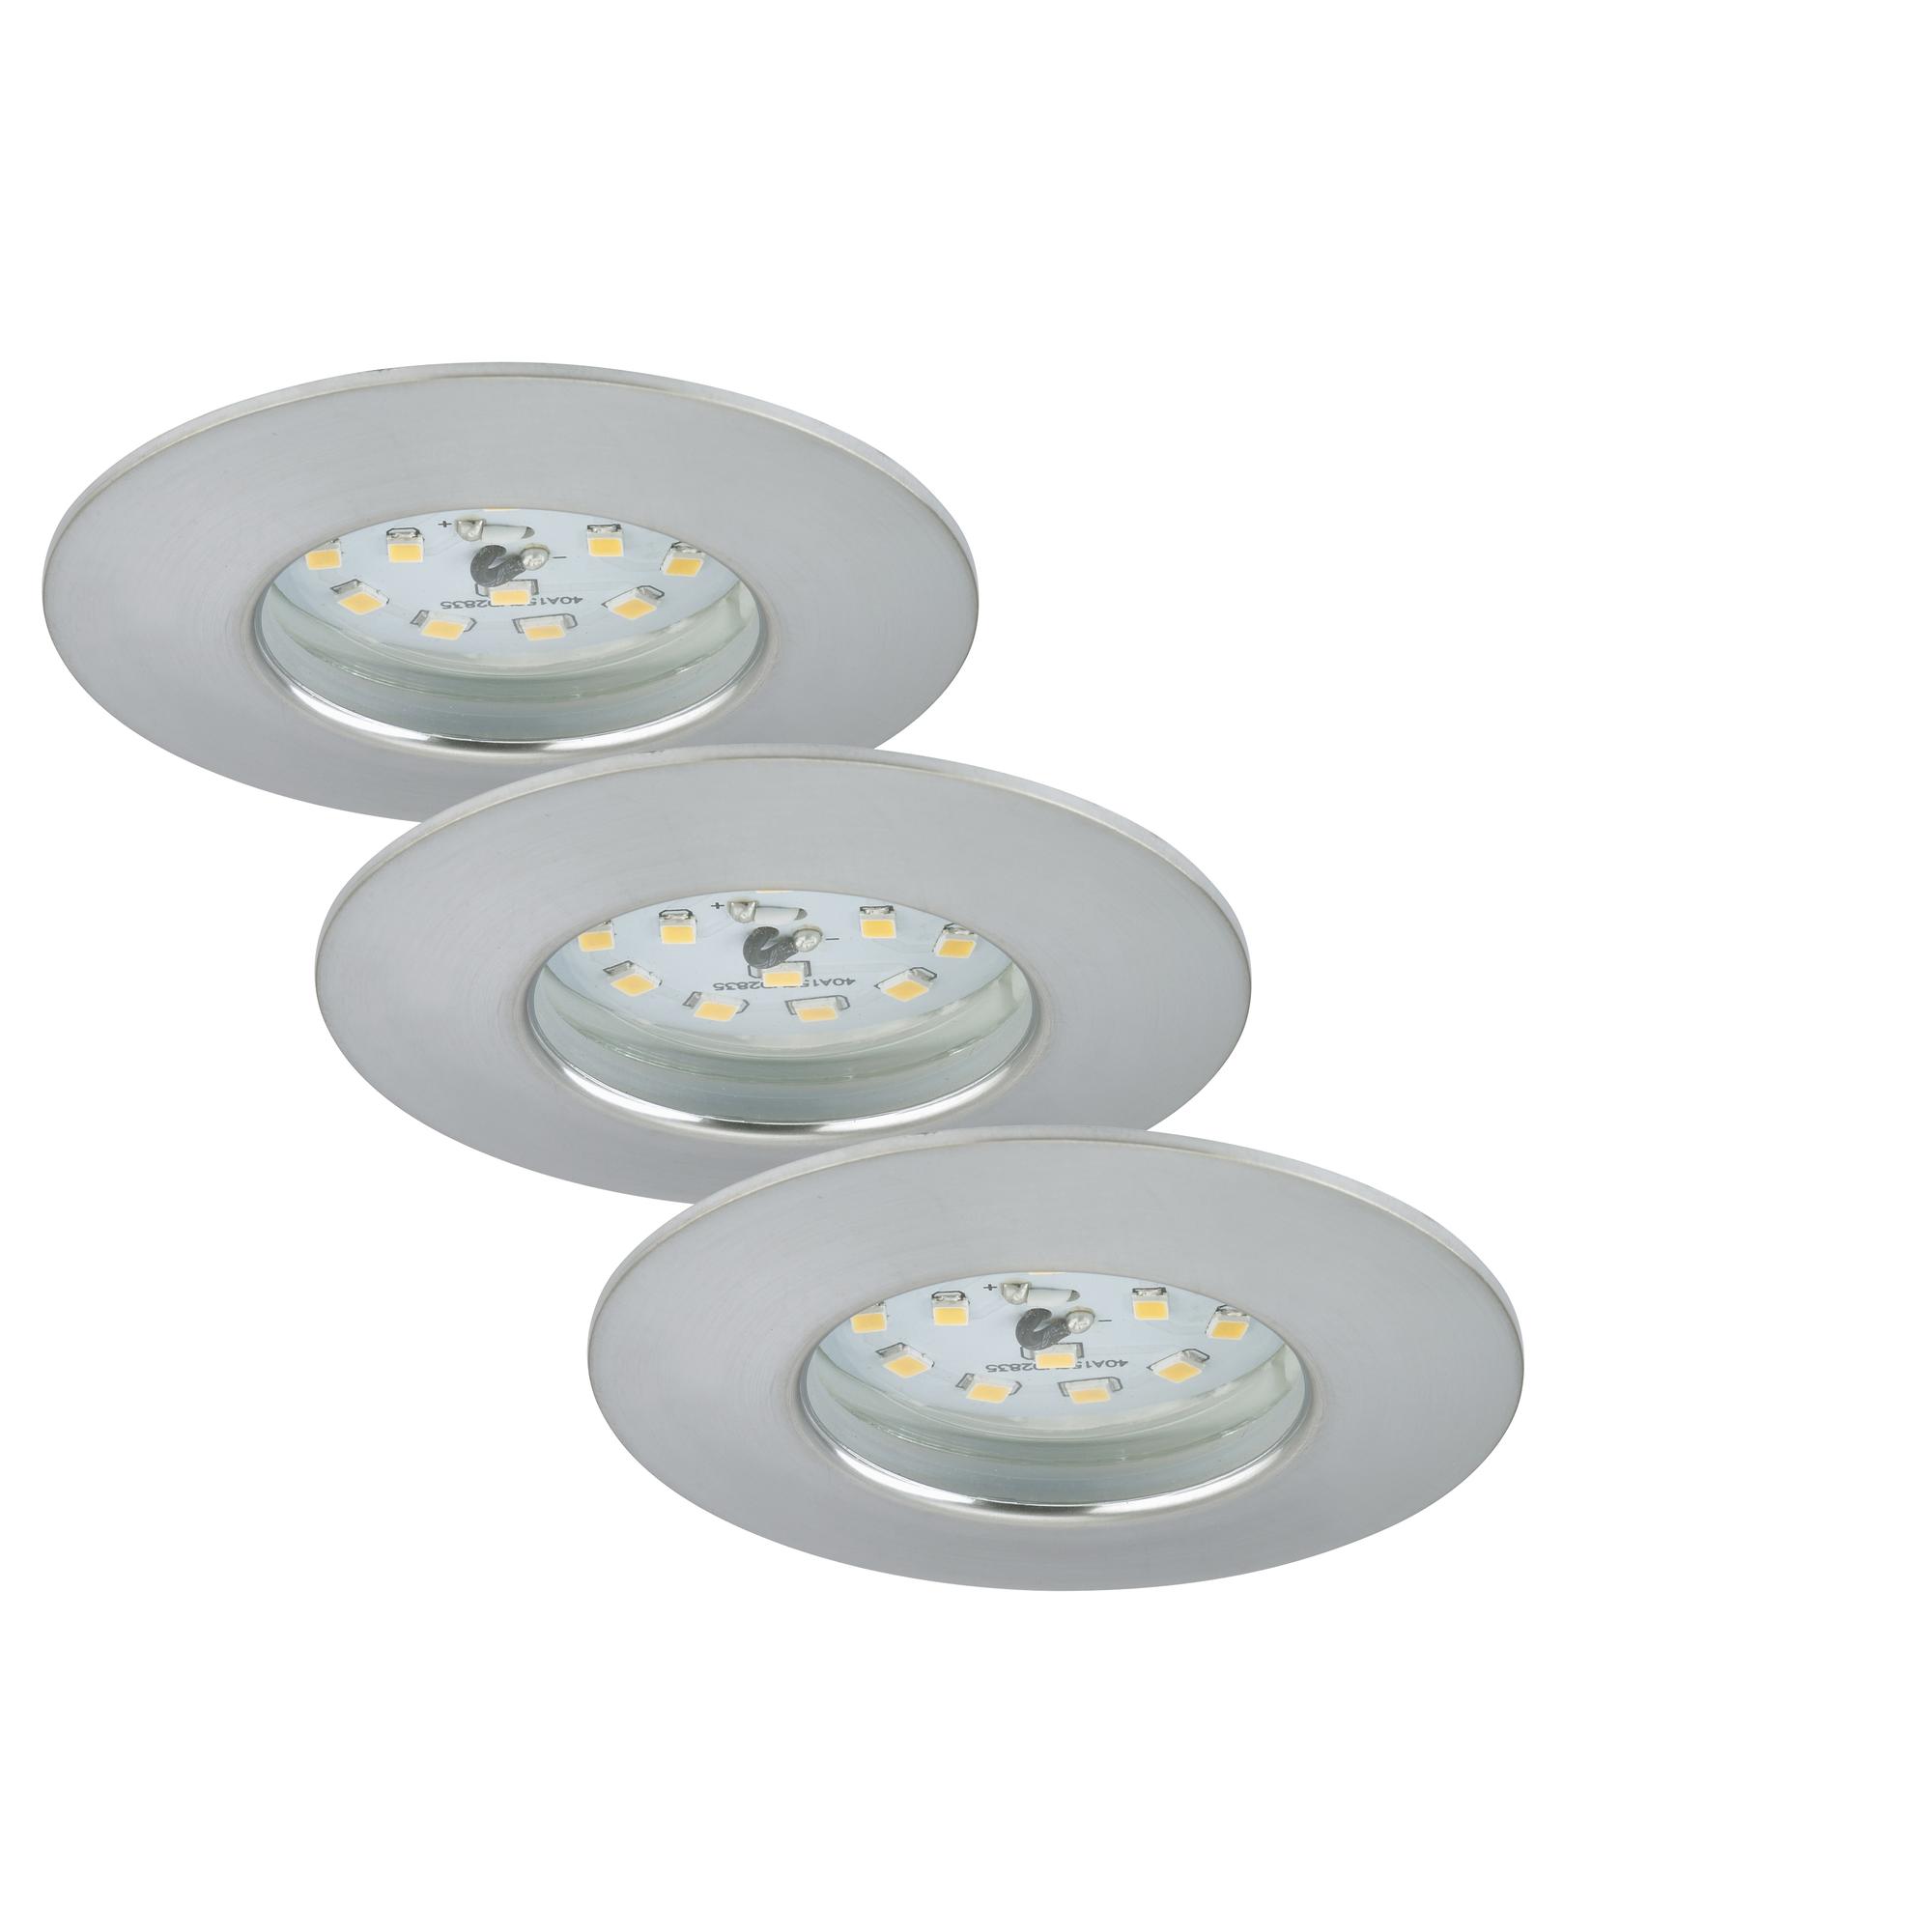 Einbauleuchten-Set mit LED-Platinen